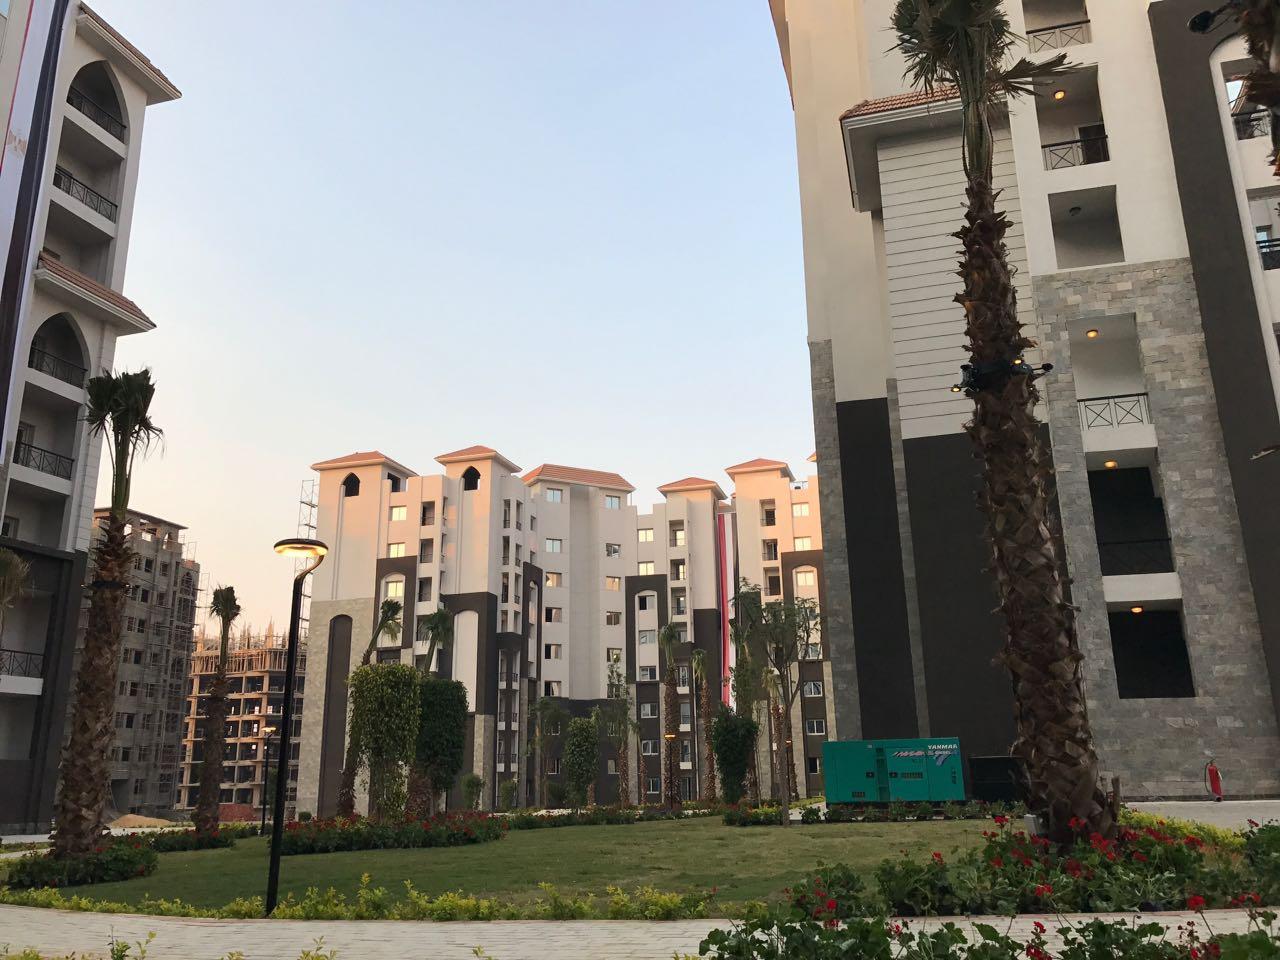 الإسكان تطرح شقق العاصمه الإداريه الجديده بعد العيد (6)